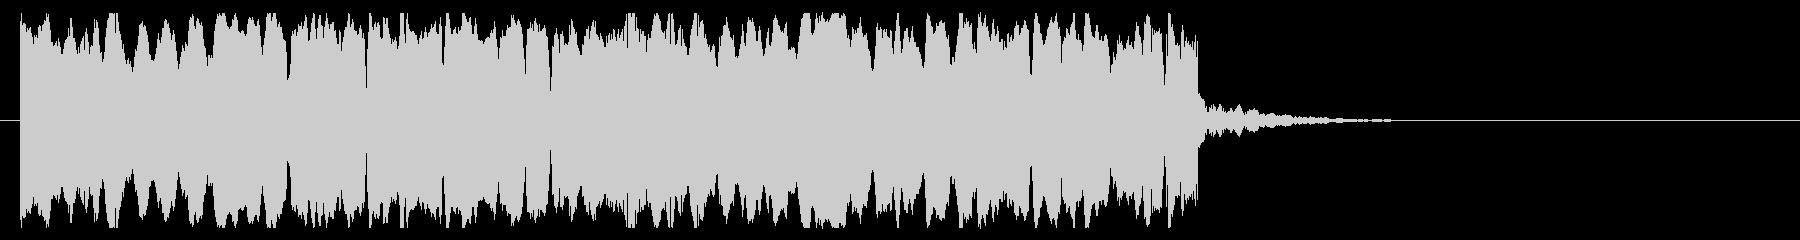 8bitパワーU-D-01-3_revの未再生の波形